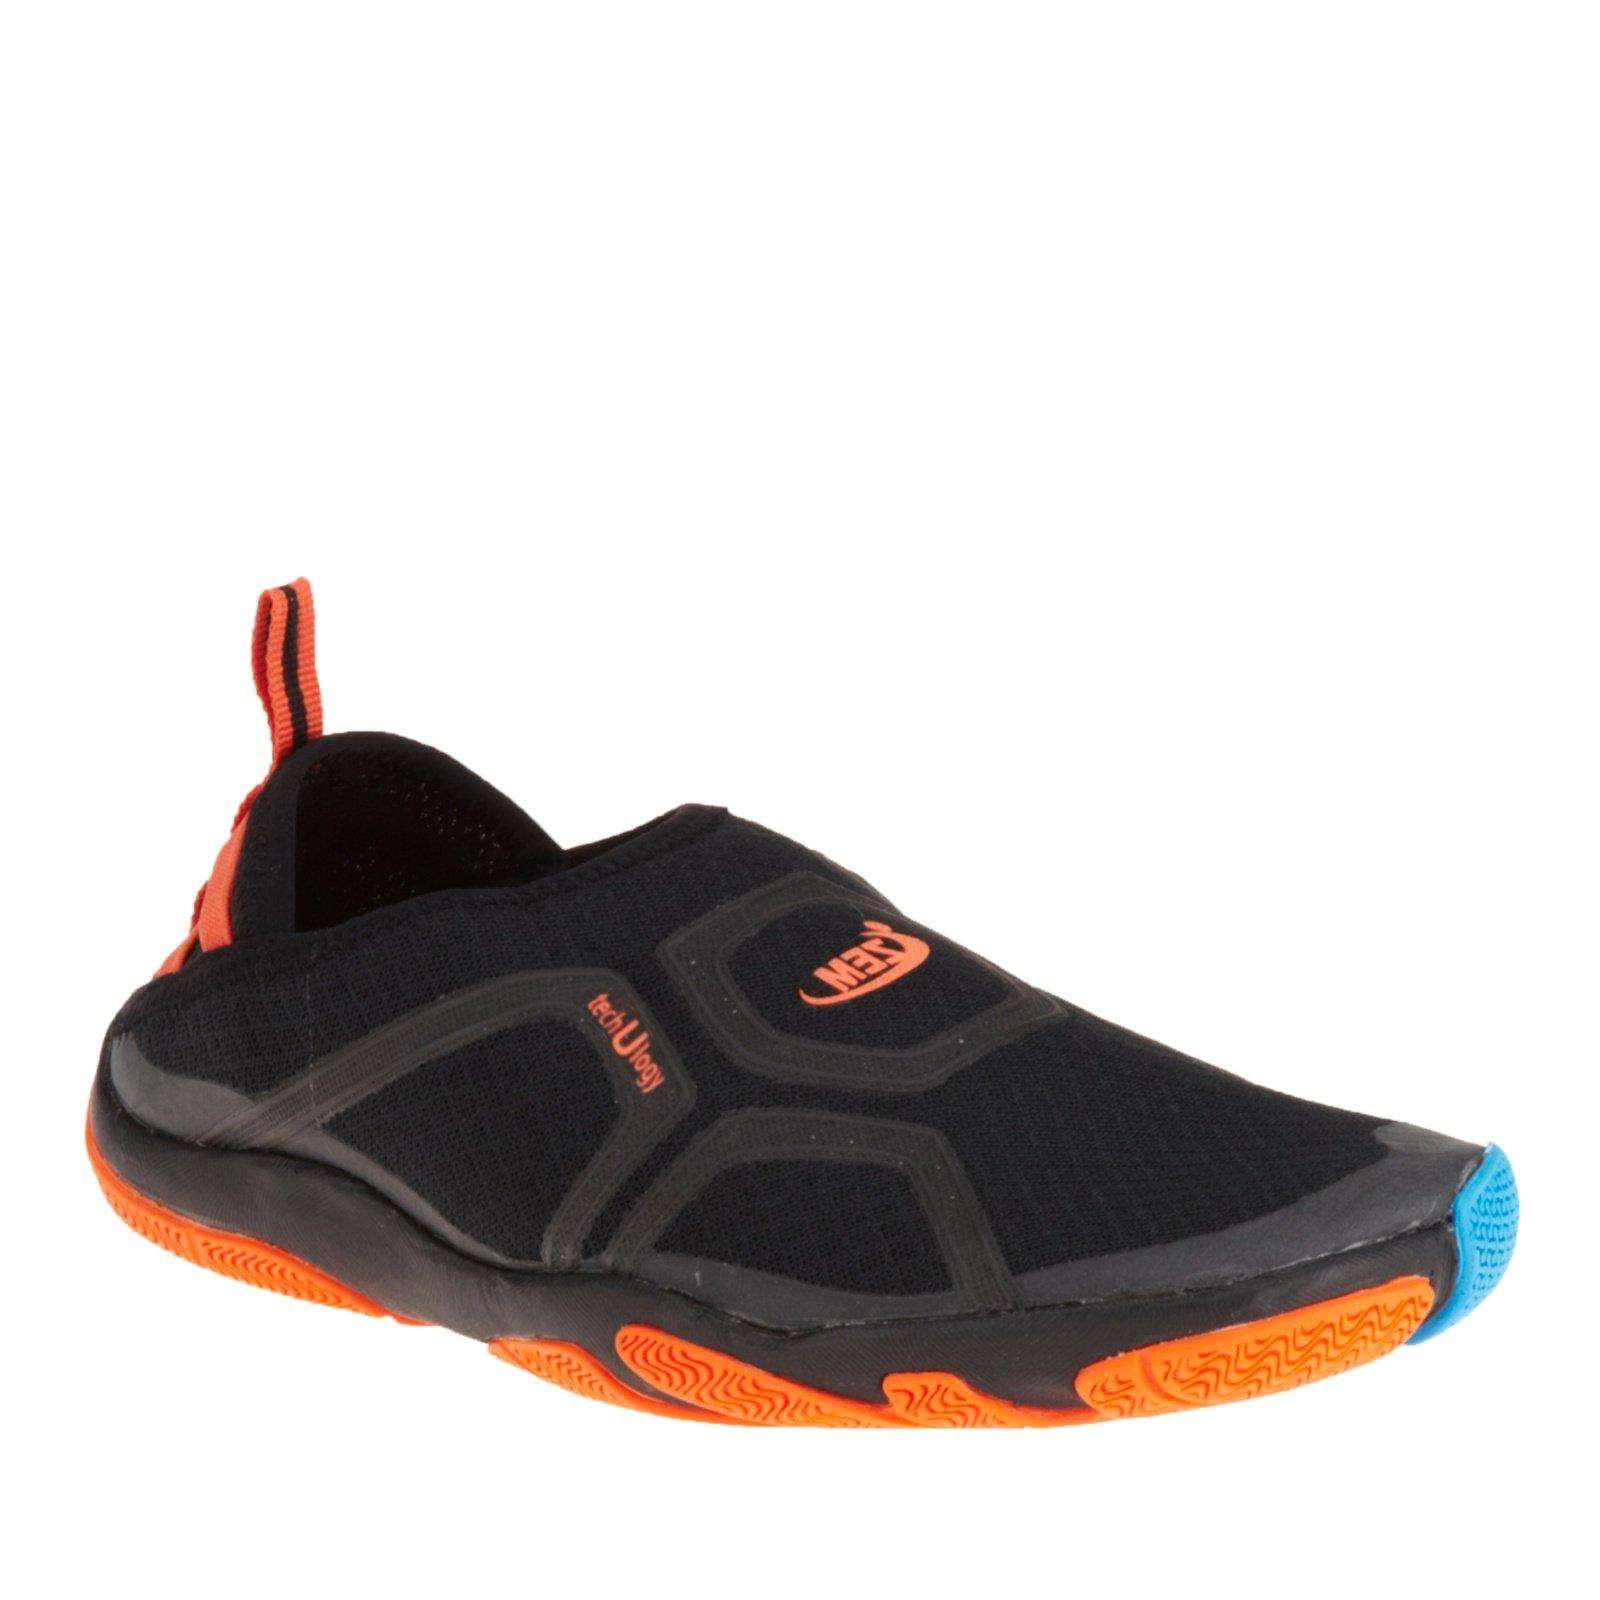 ZEMGEAR U Cross Round Toe Slip On Shoes